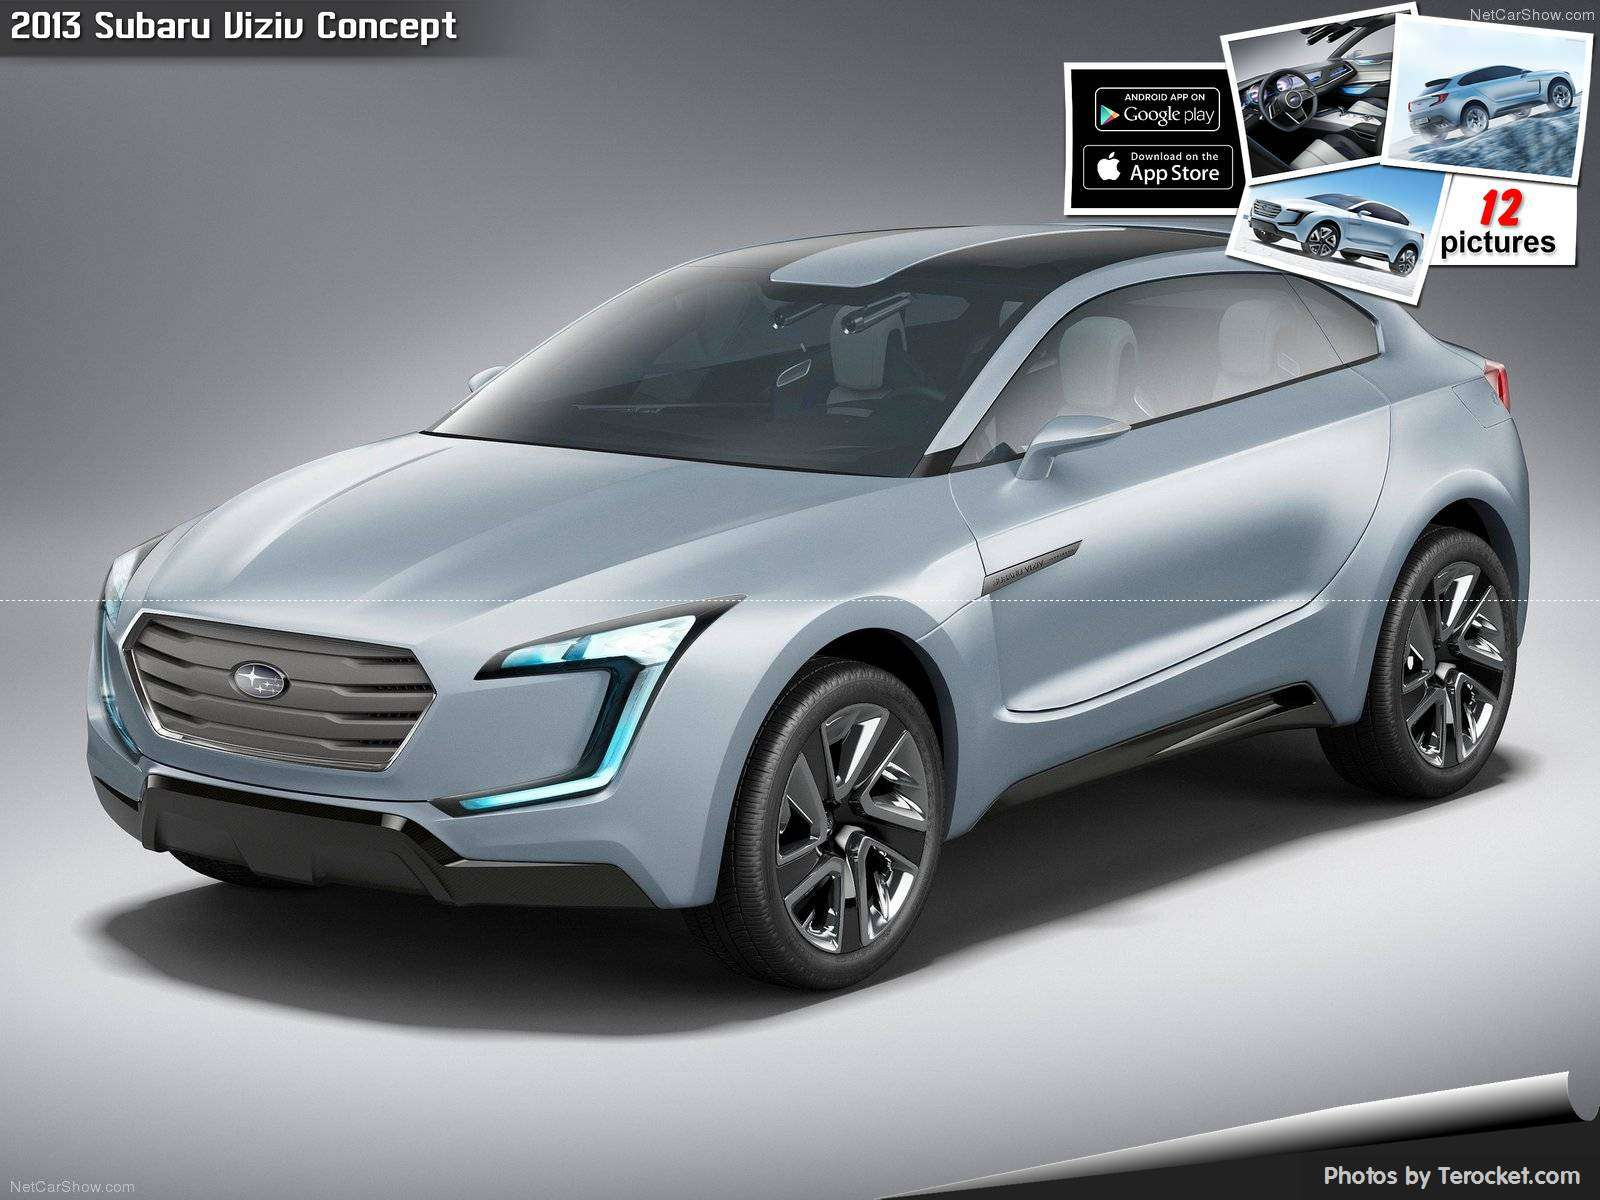 Hình ảnh xe ô tô Subaru Viziv Concept 2013 & nội ngoại thất